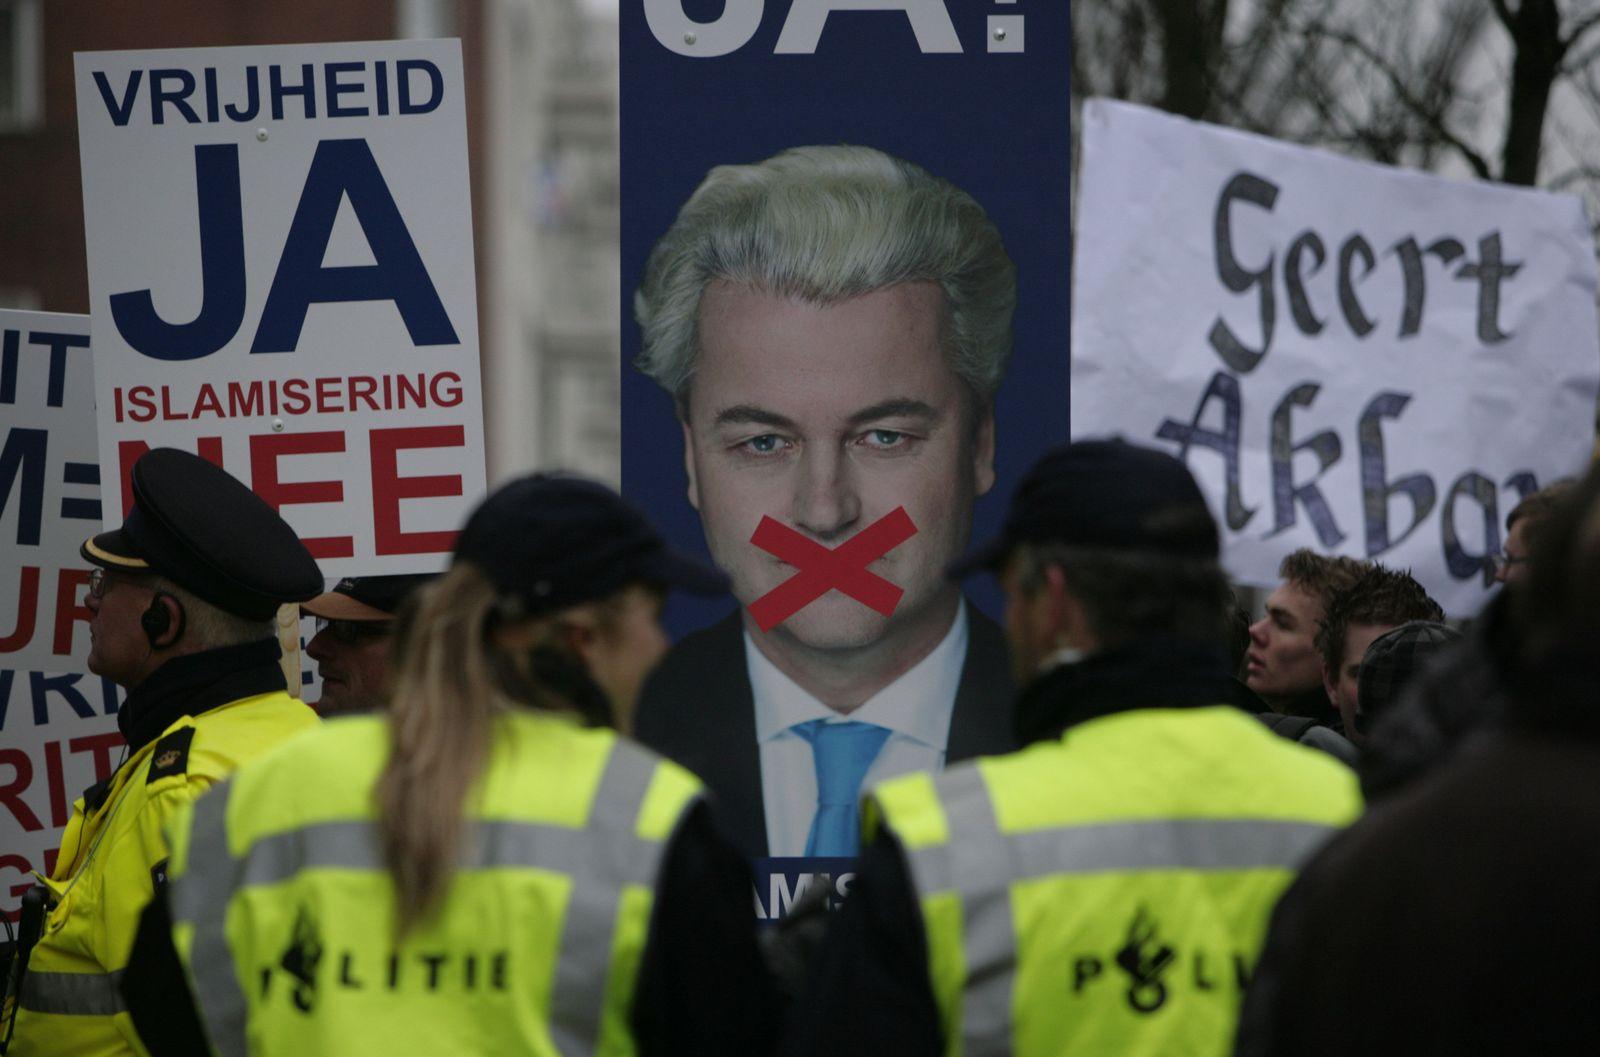 Geert Wilders / Protest / Niederlande